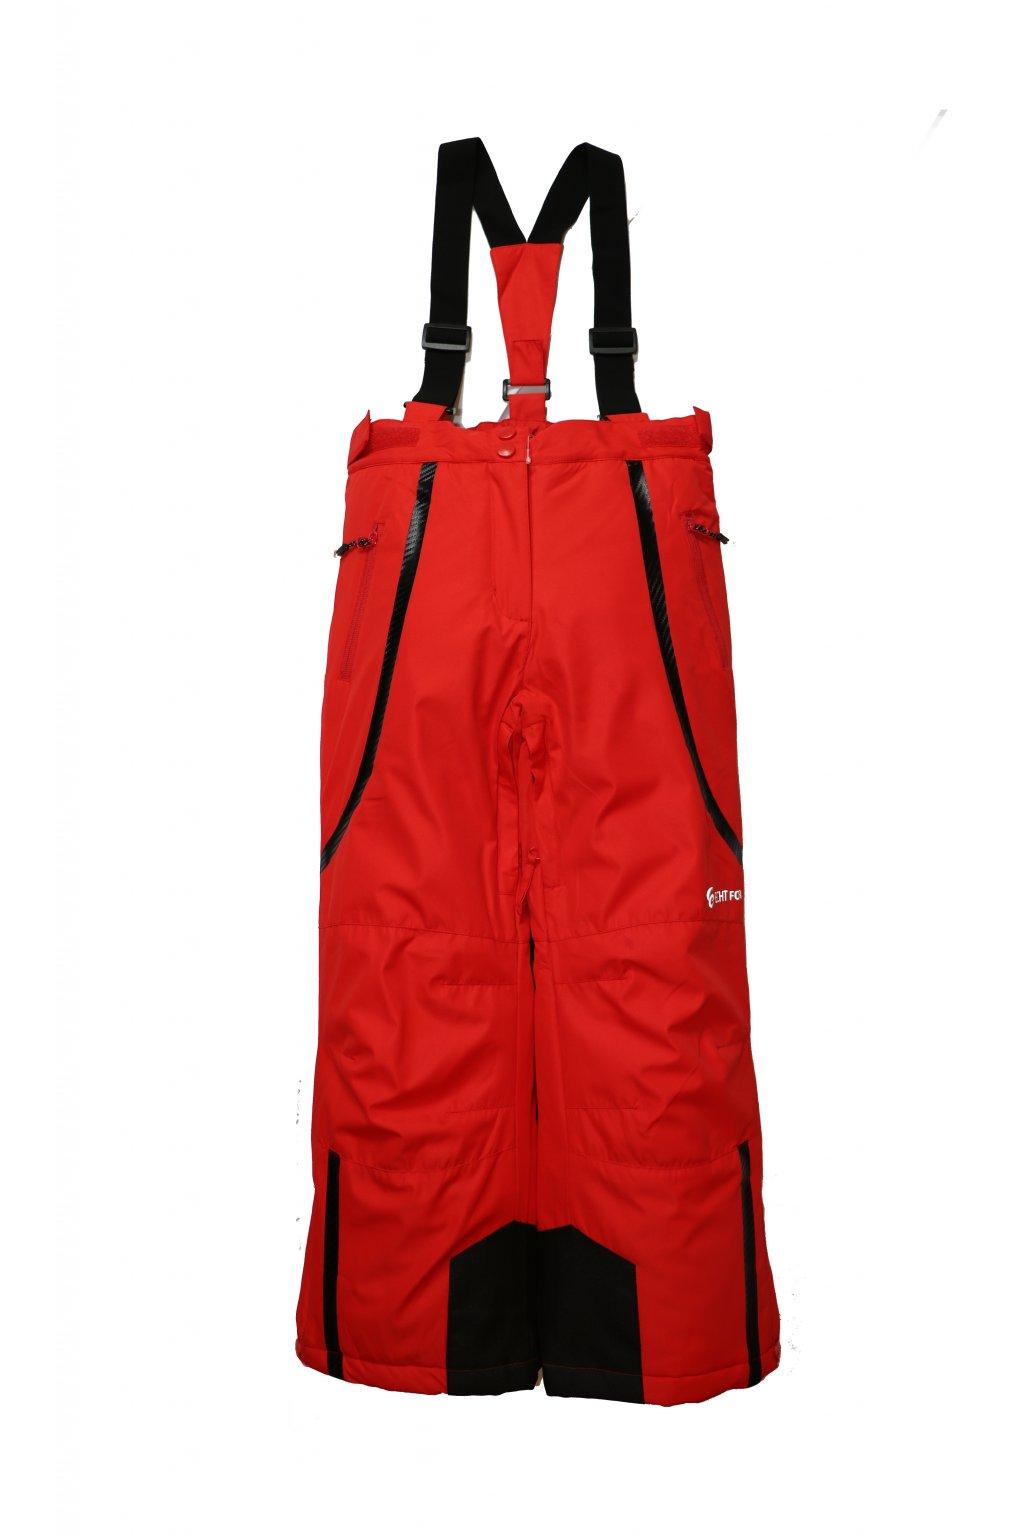 Dětské lyžařské kalhoty HB01-M1 červené